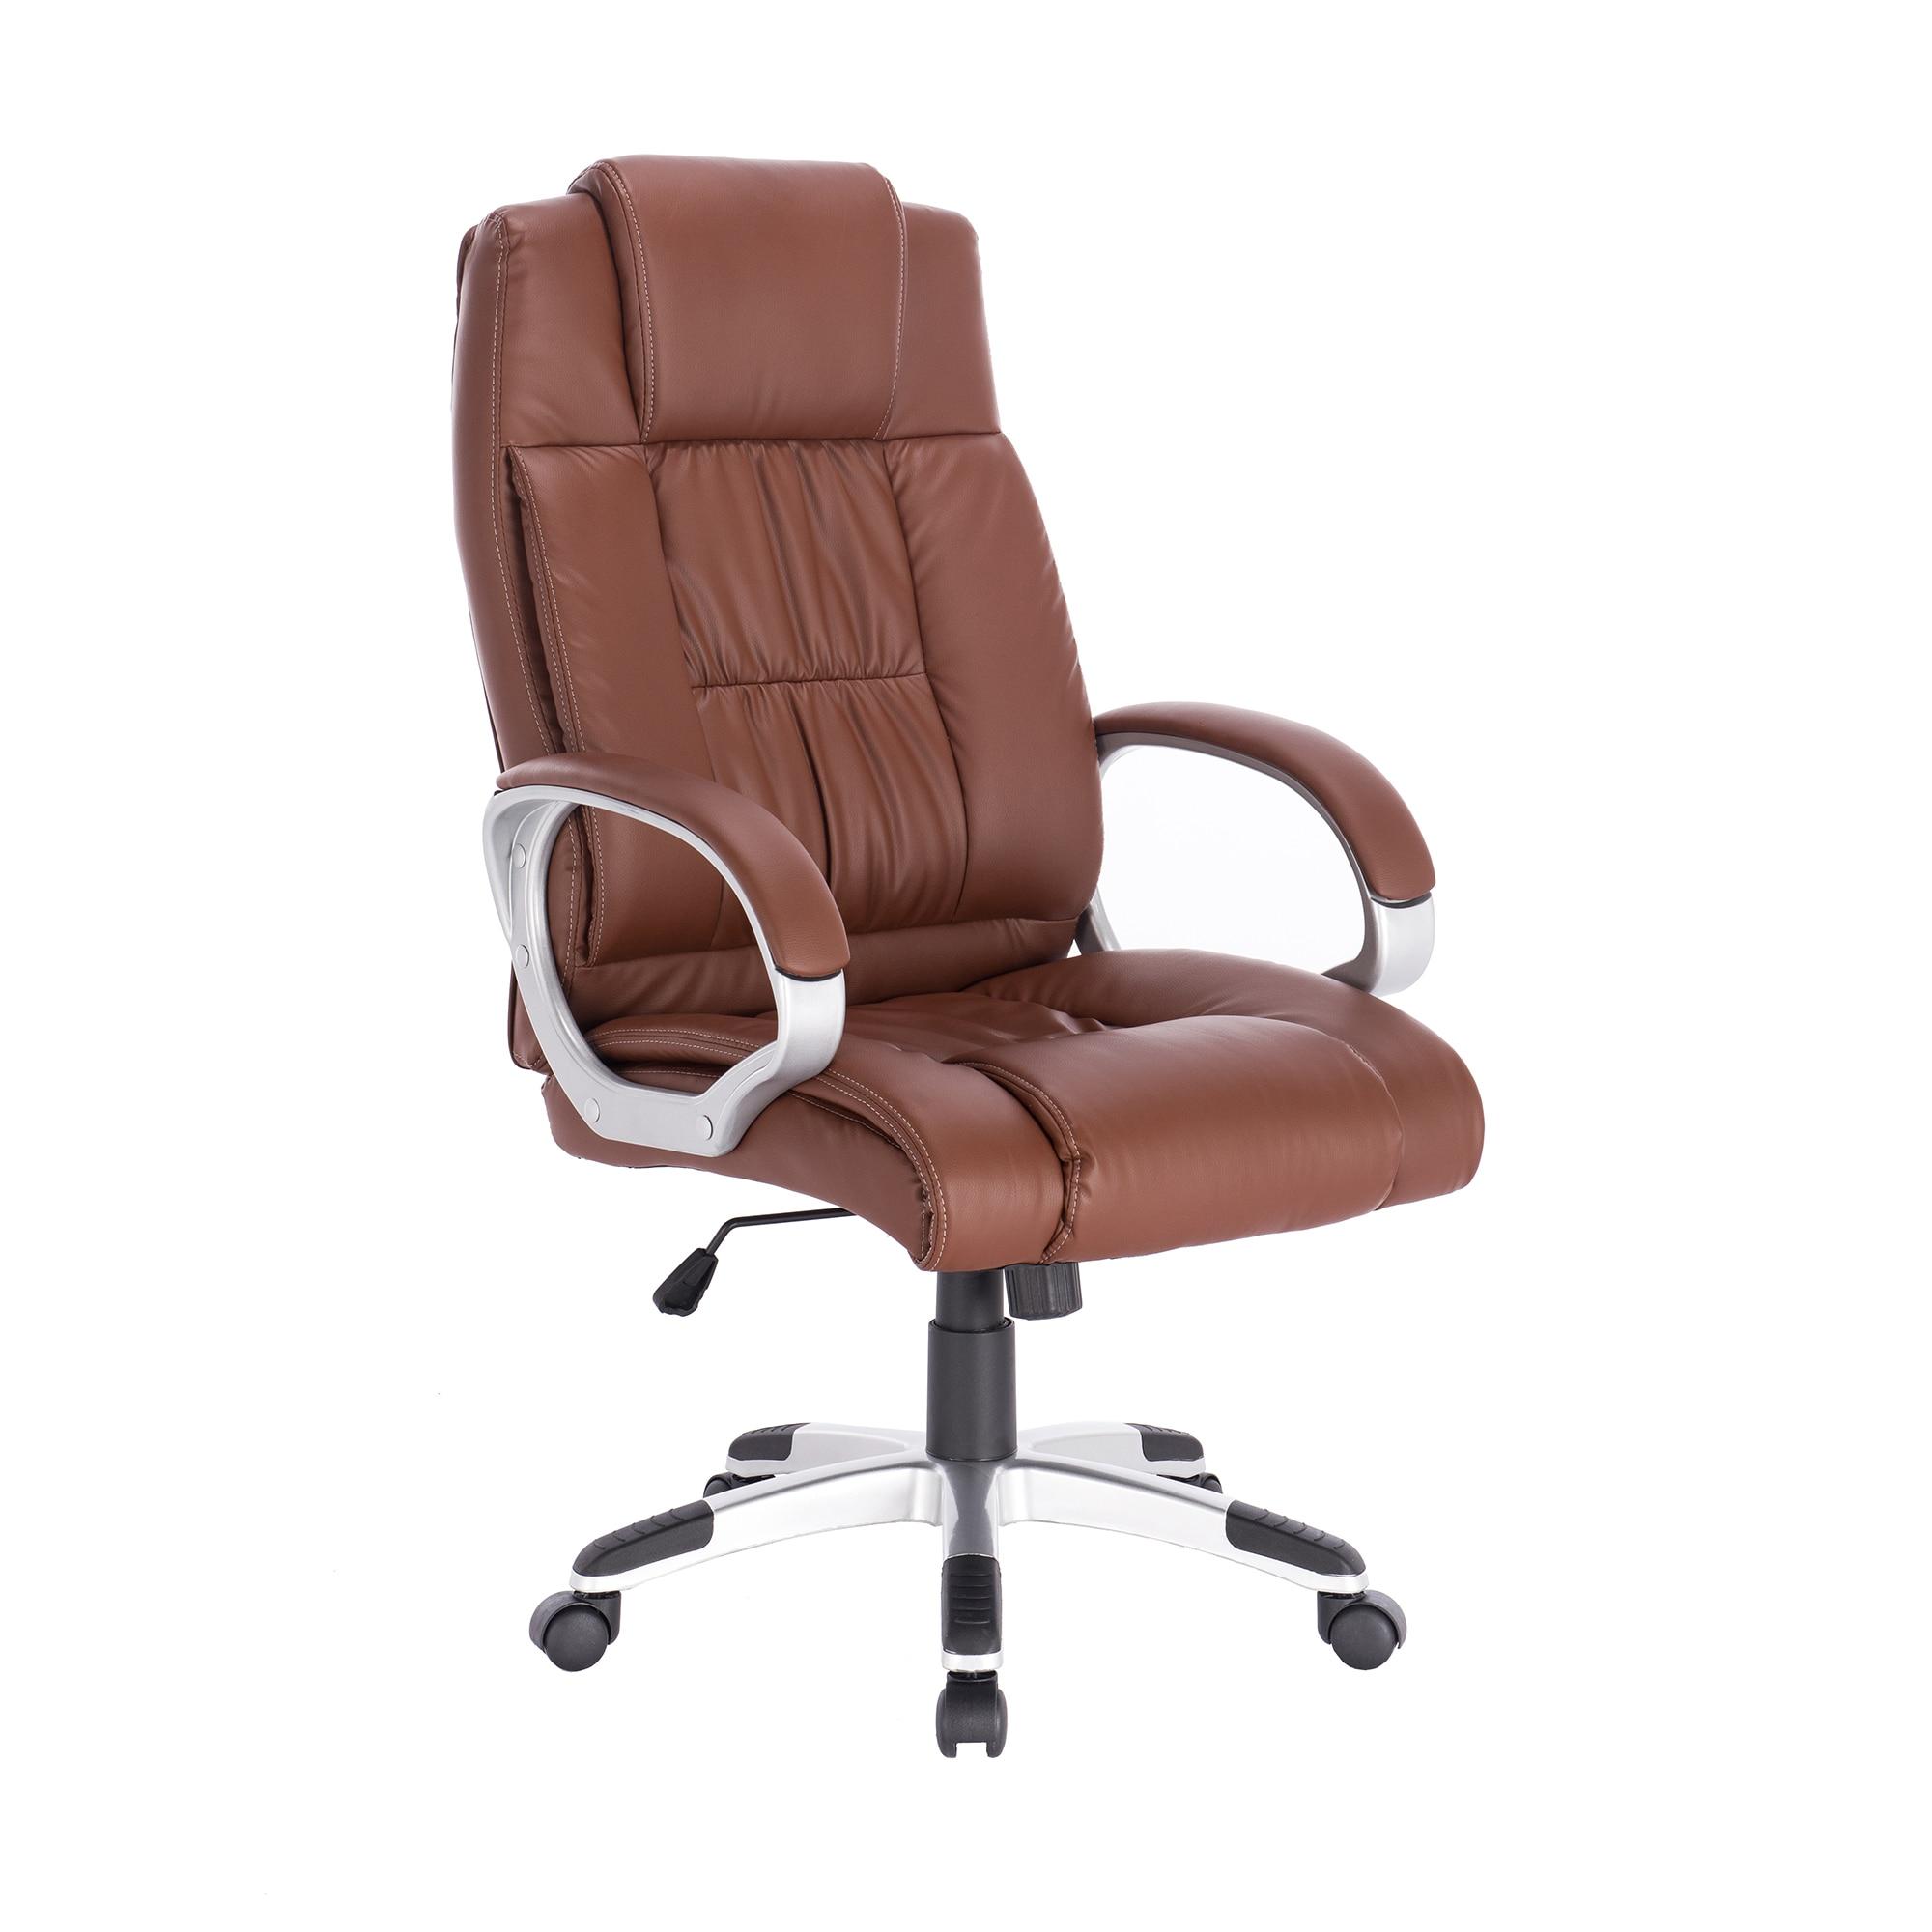 Kring New Bokai Ergonomikus Irodai szék, PU, Kávébarna eMAG.hu